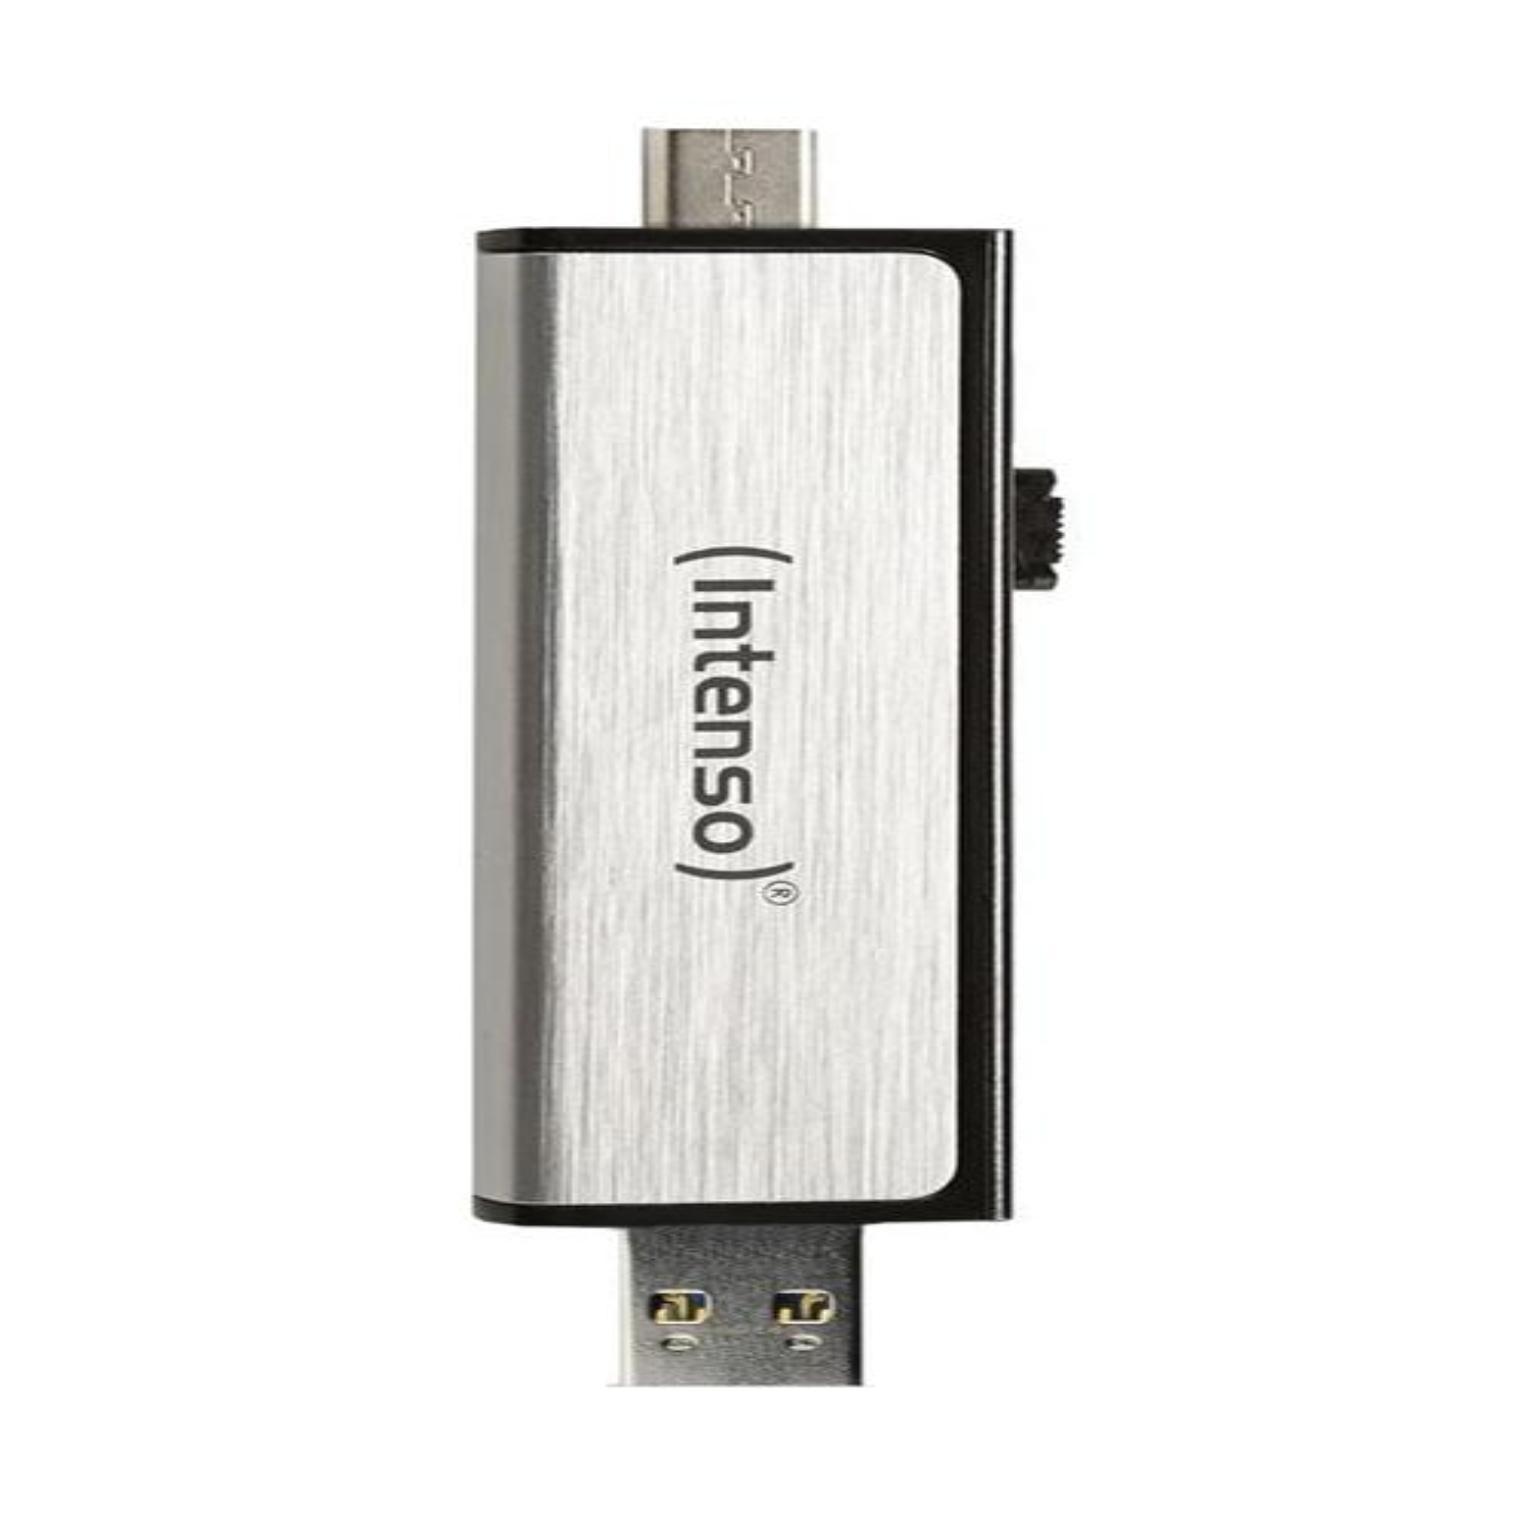 USB OTG stick - 8 GB - Intenso